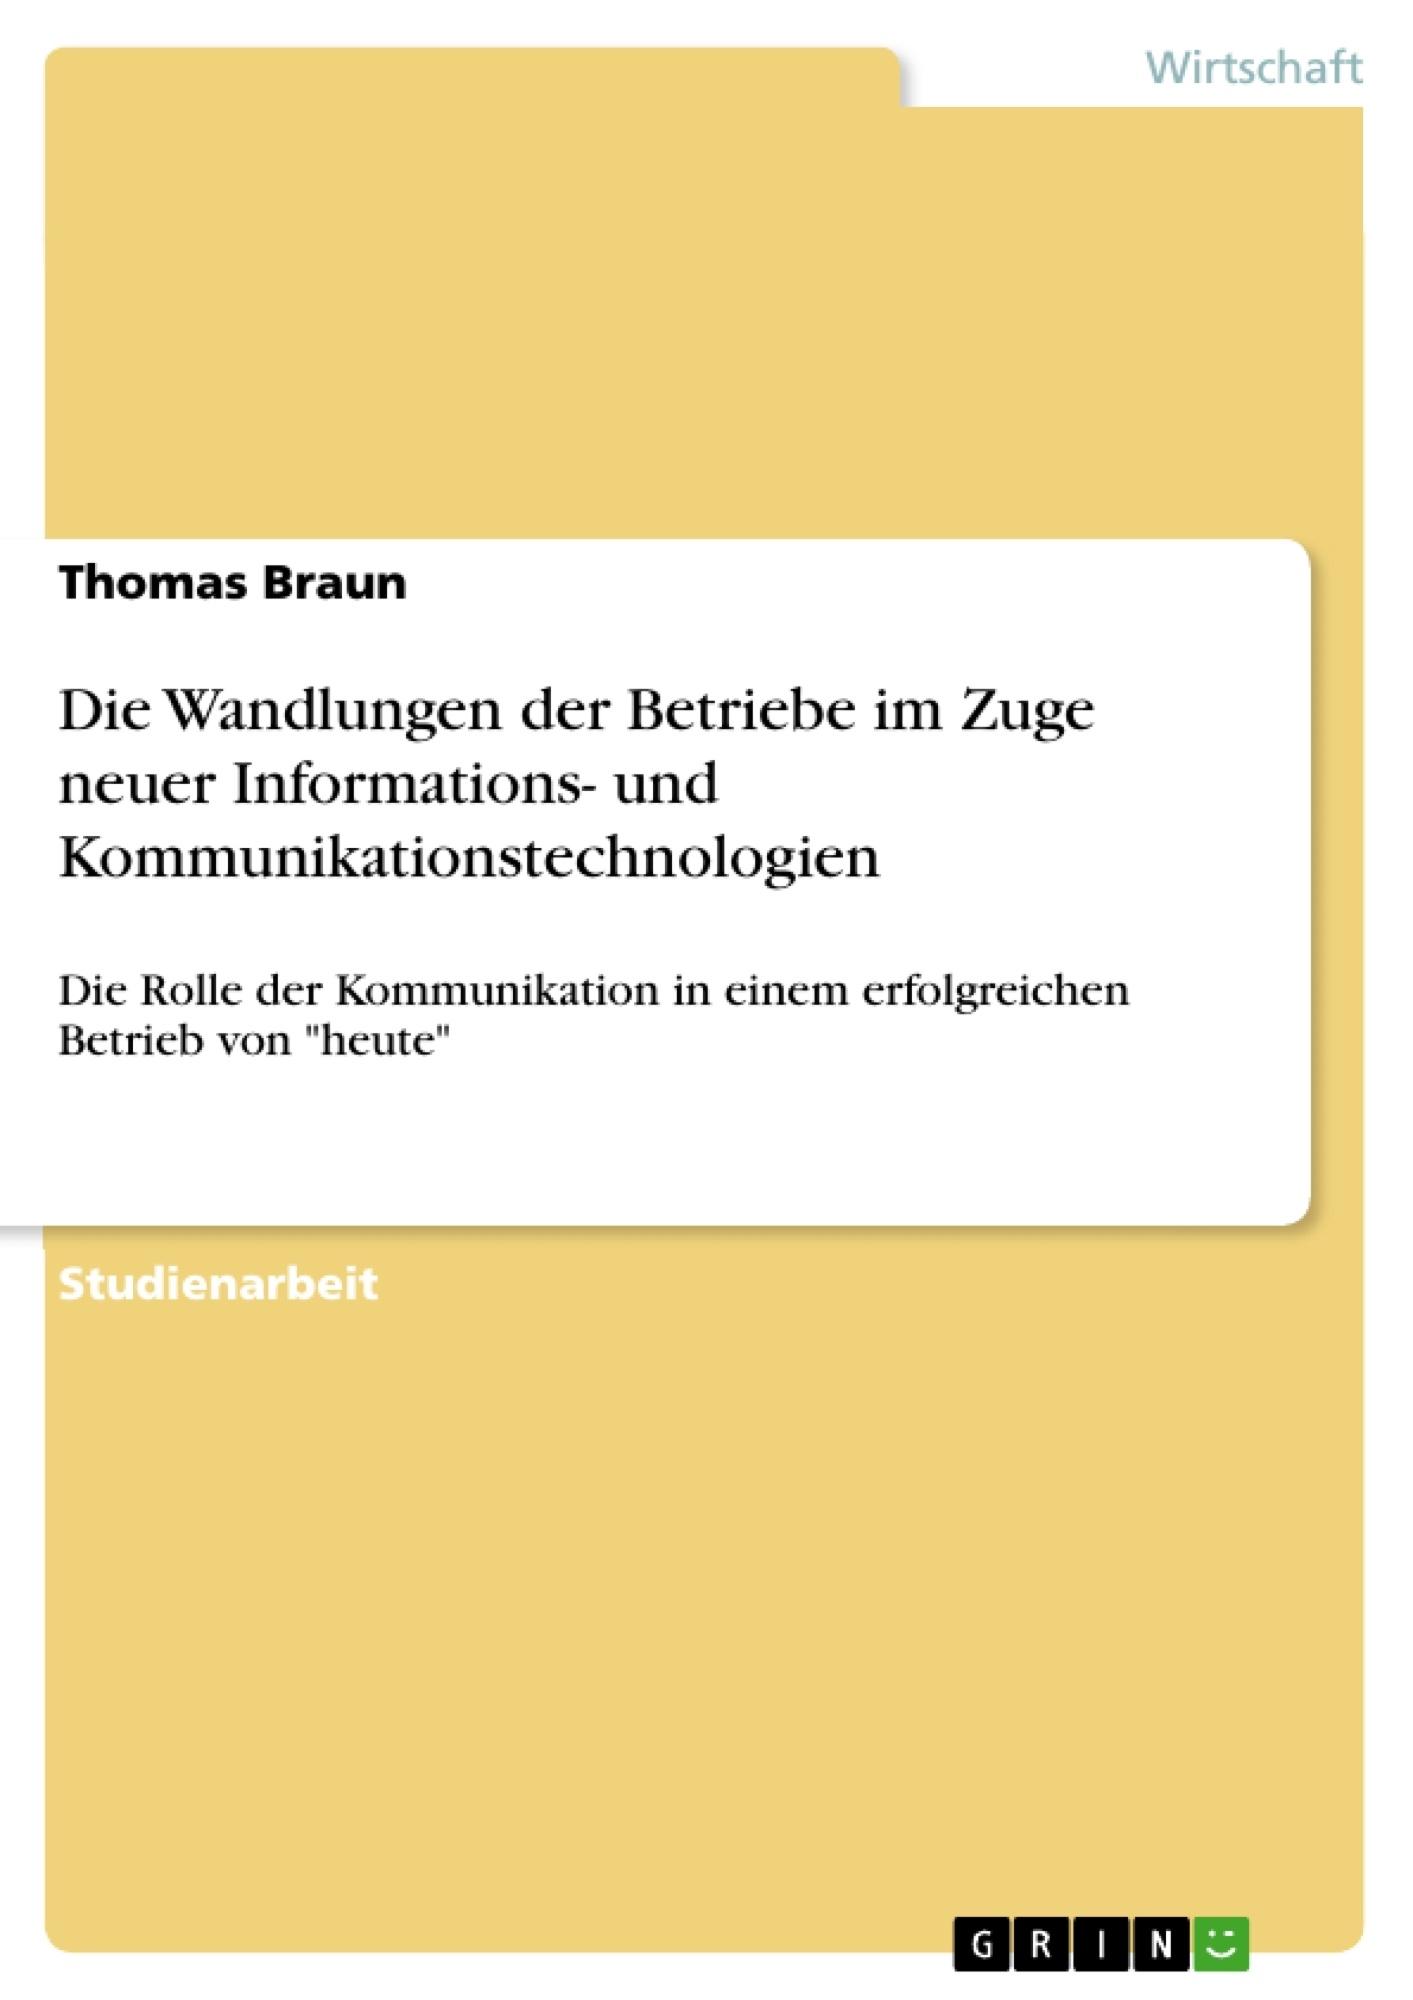 Titel: Die Wandlungen der Betriebe im Zuge neuer Informations- und Kommunikationstechnologien